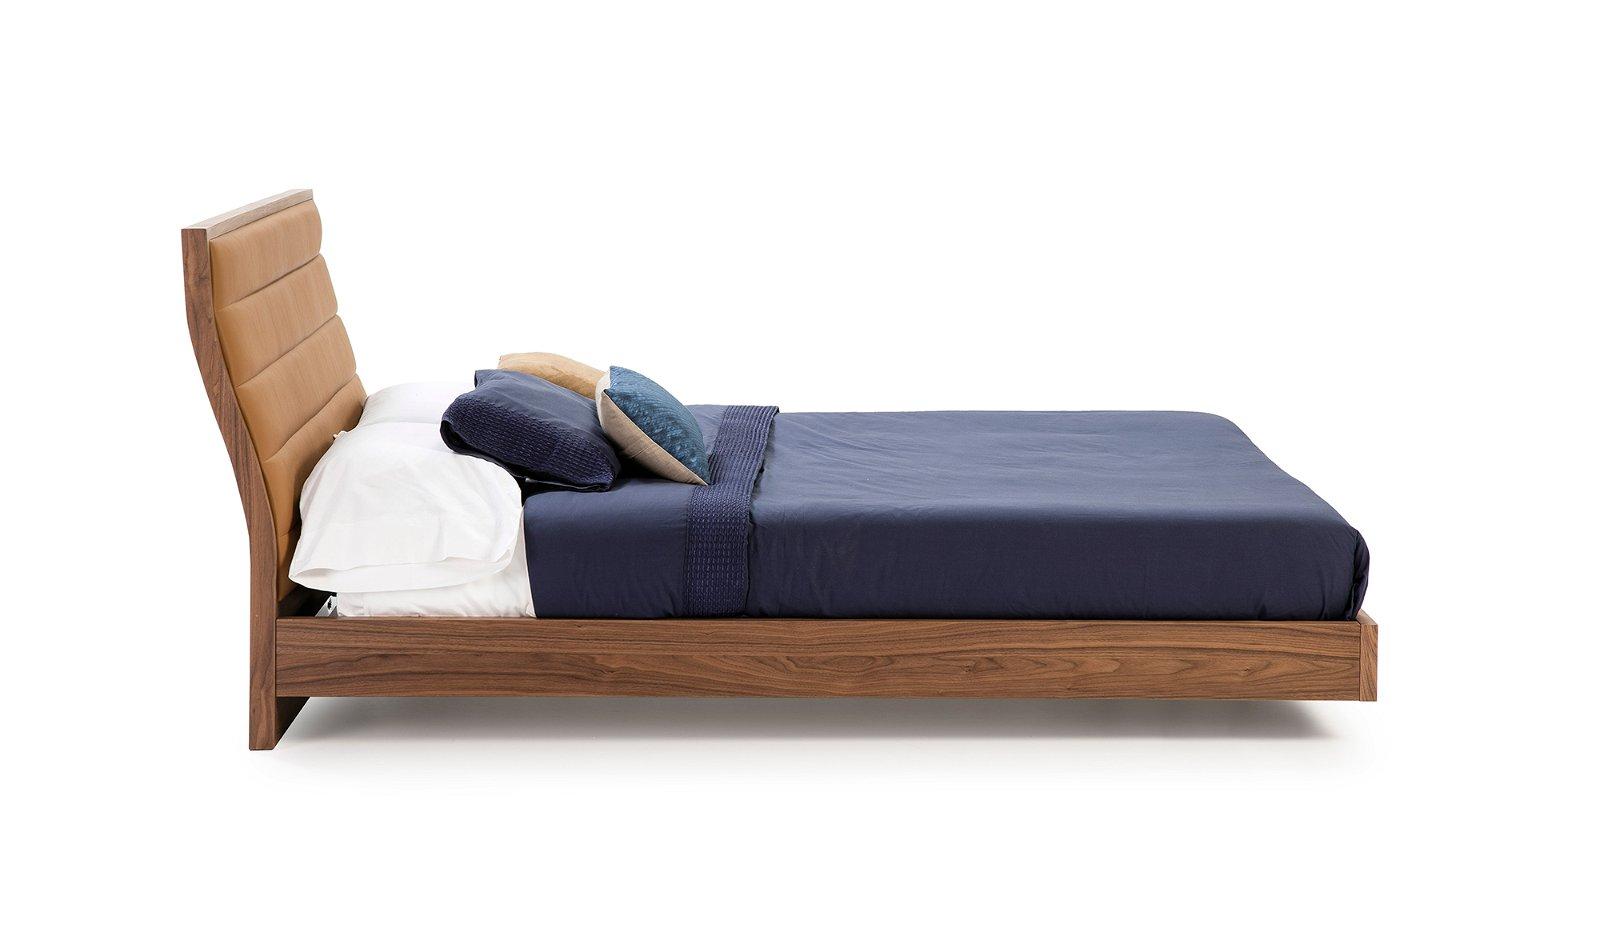 Cama moderna nogal y piel Vitale para colchón 150x200